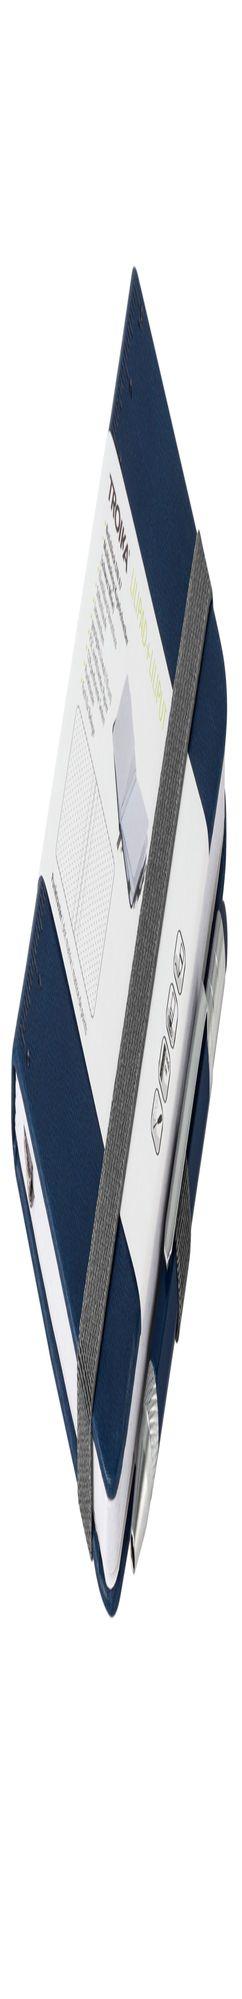 Блокнот Lilipad с ручкой Liliput, синий фото